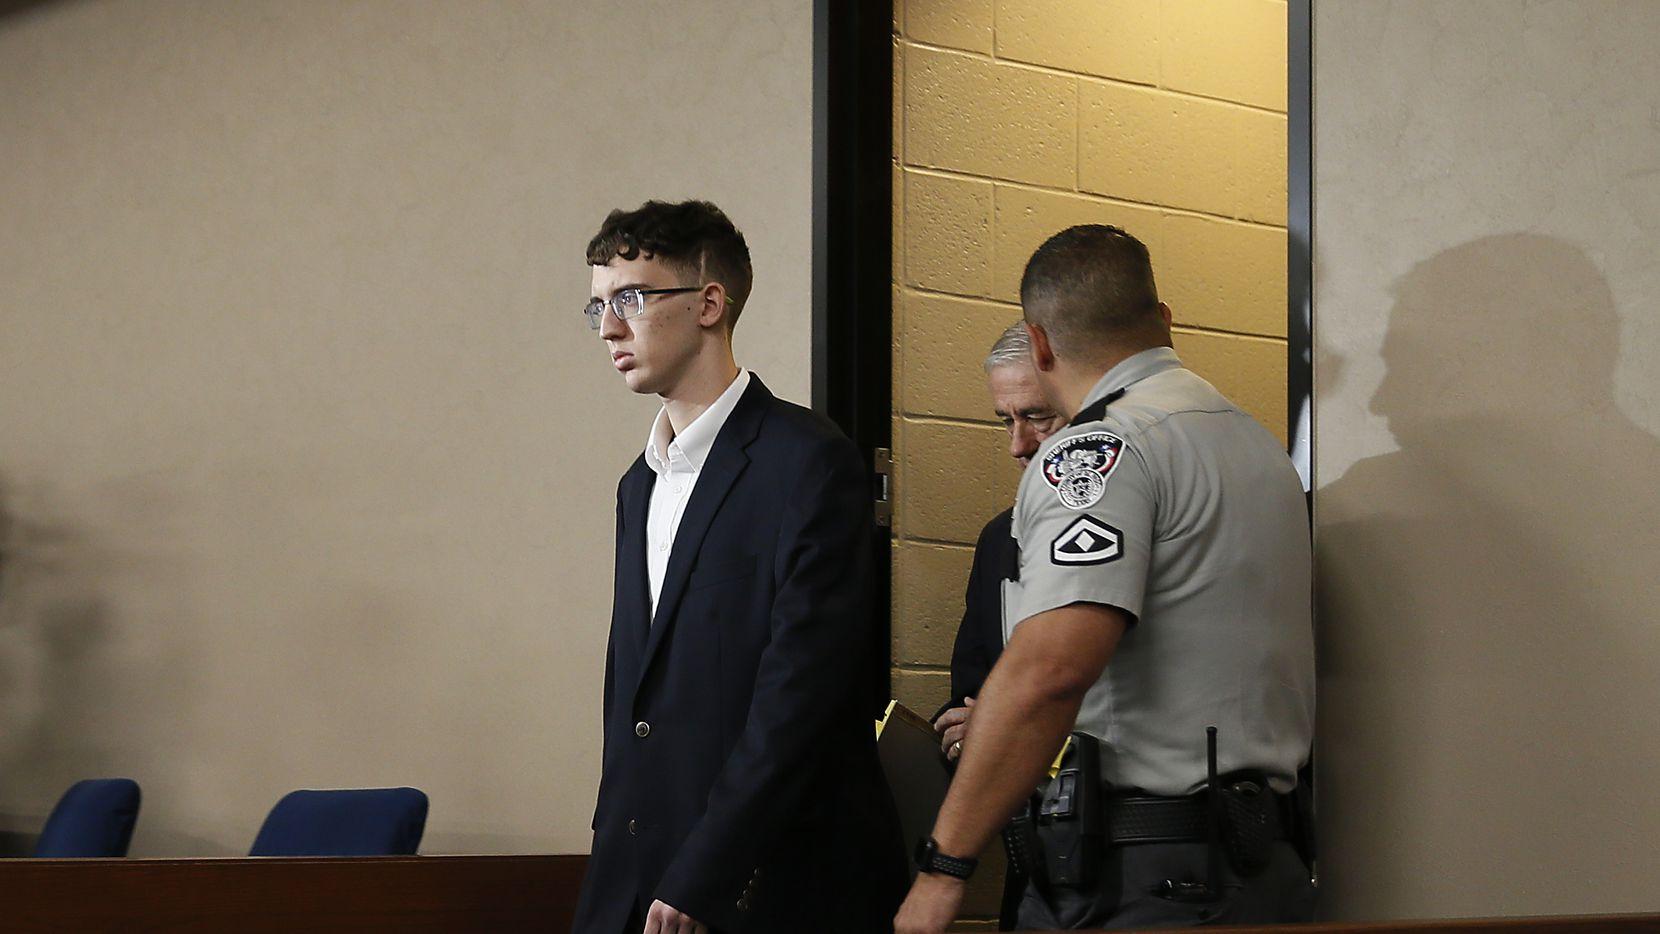 Patrick Crusius arriba a la corte donde se le formularon cargos como responsable del tiroteo del 3 de agosto en El Paso.